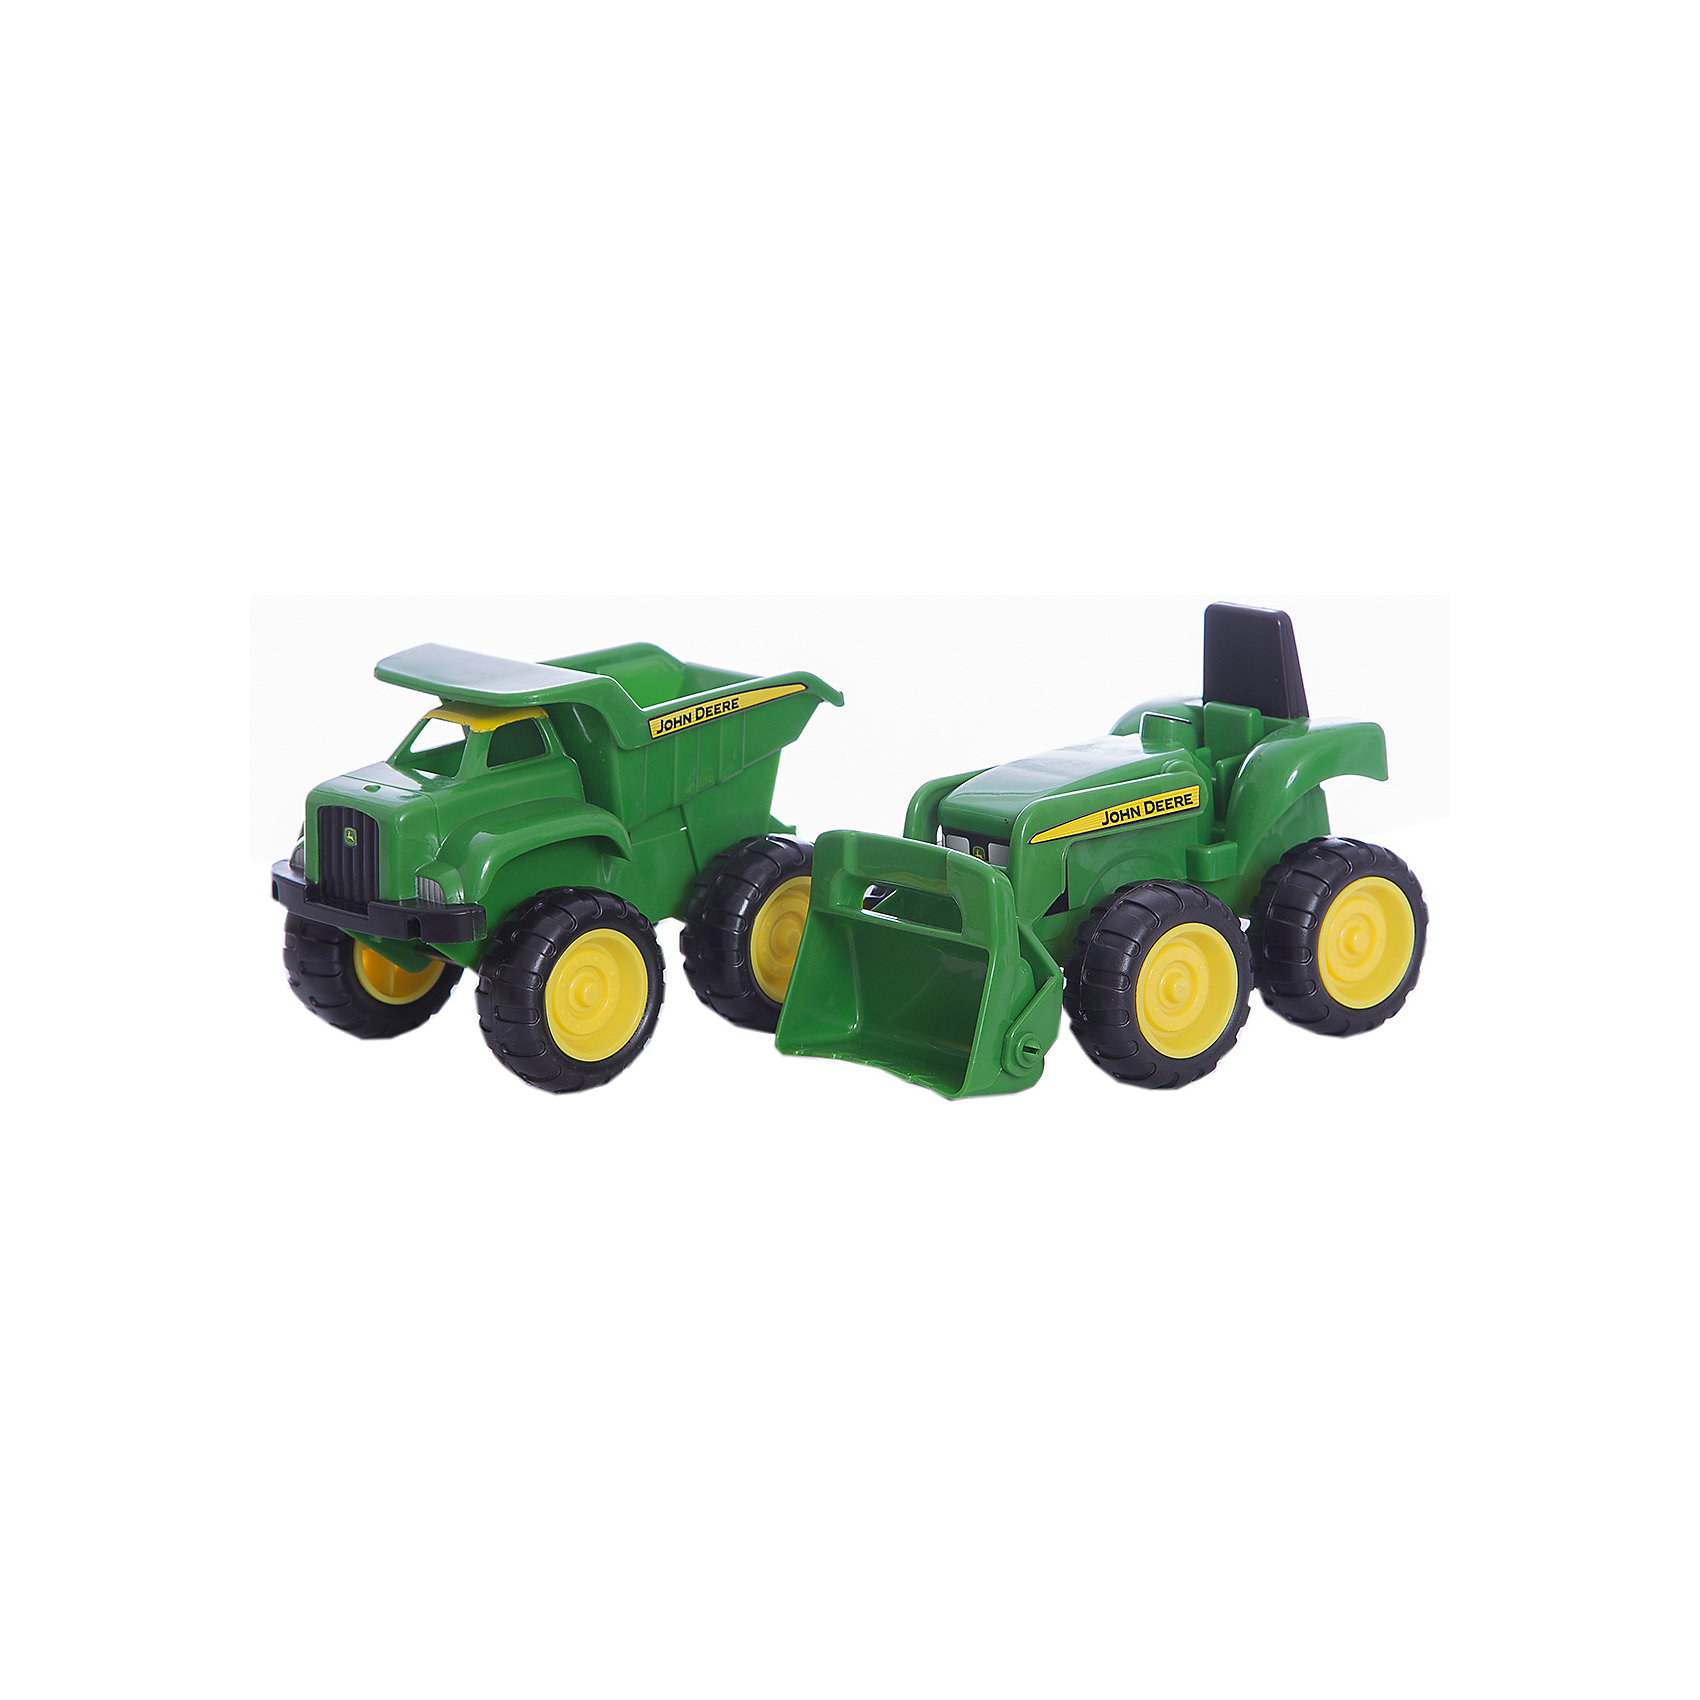 TOMY Набор для песочницы Трактор и самосвал John Deere, TOMY tomy трактор john deere 6830